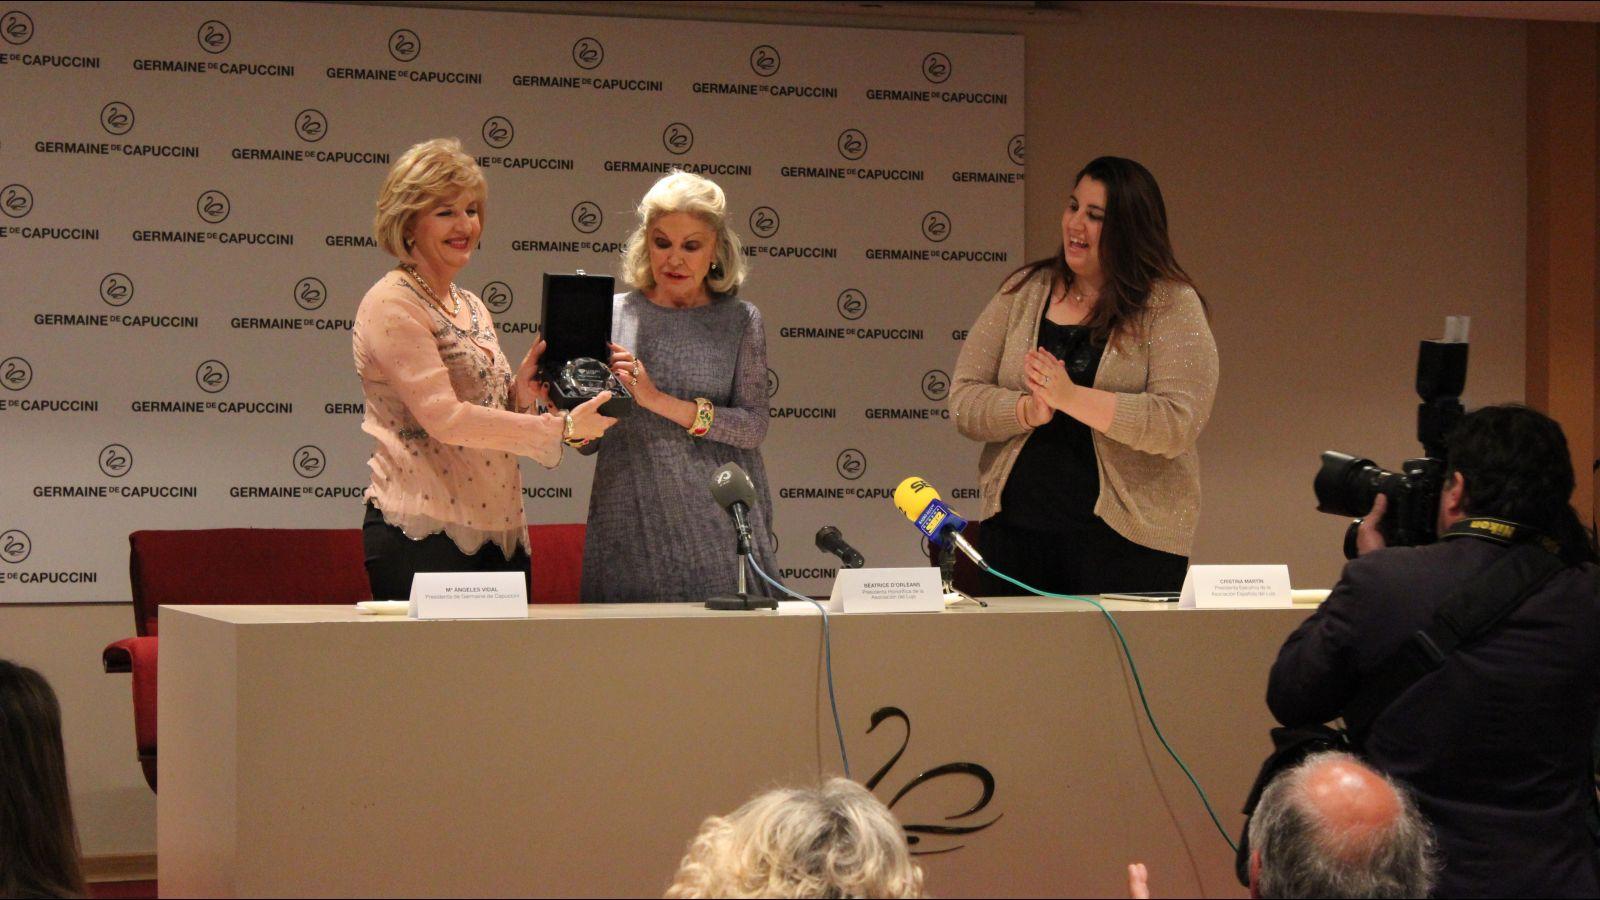 S.A.R. la Princesa Béatrice D'Orléans concede a Germaine de Capuccini el Diamante de la Excelencia